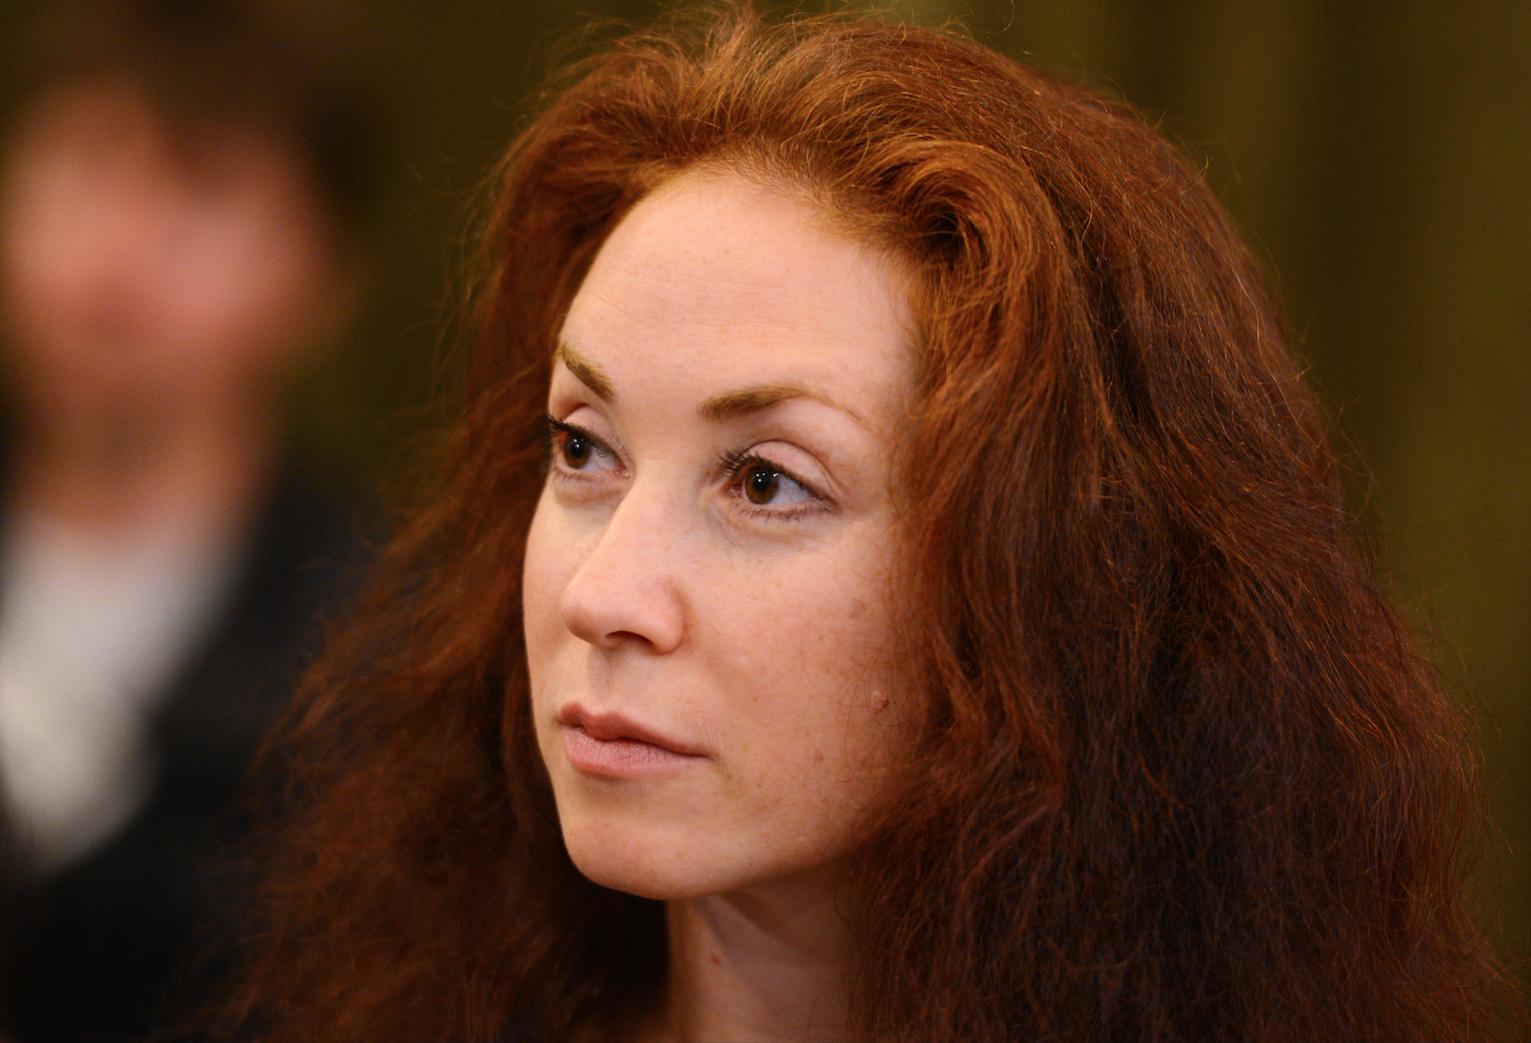 <p><span>Актриса Анна Большова.&nbsp;</span>Фото: &copy;РИА Новости/Евгений Биятов</p>